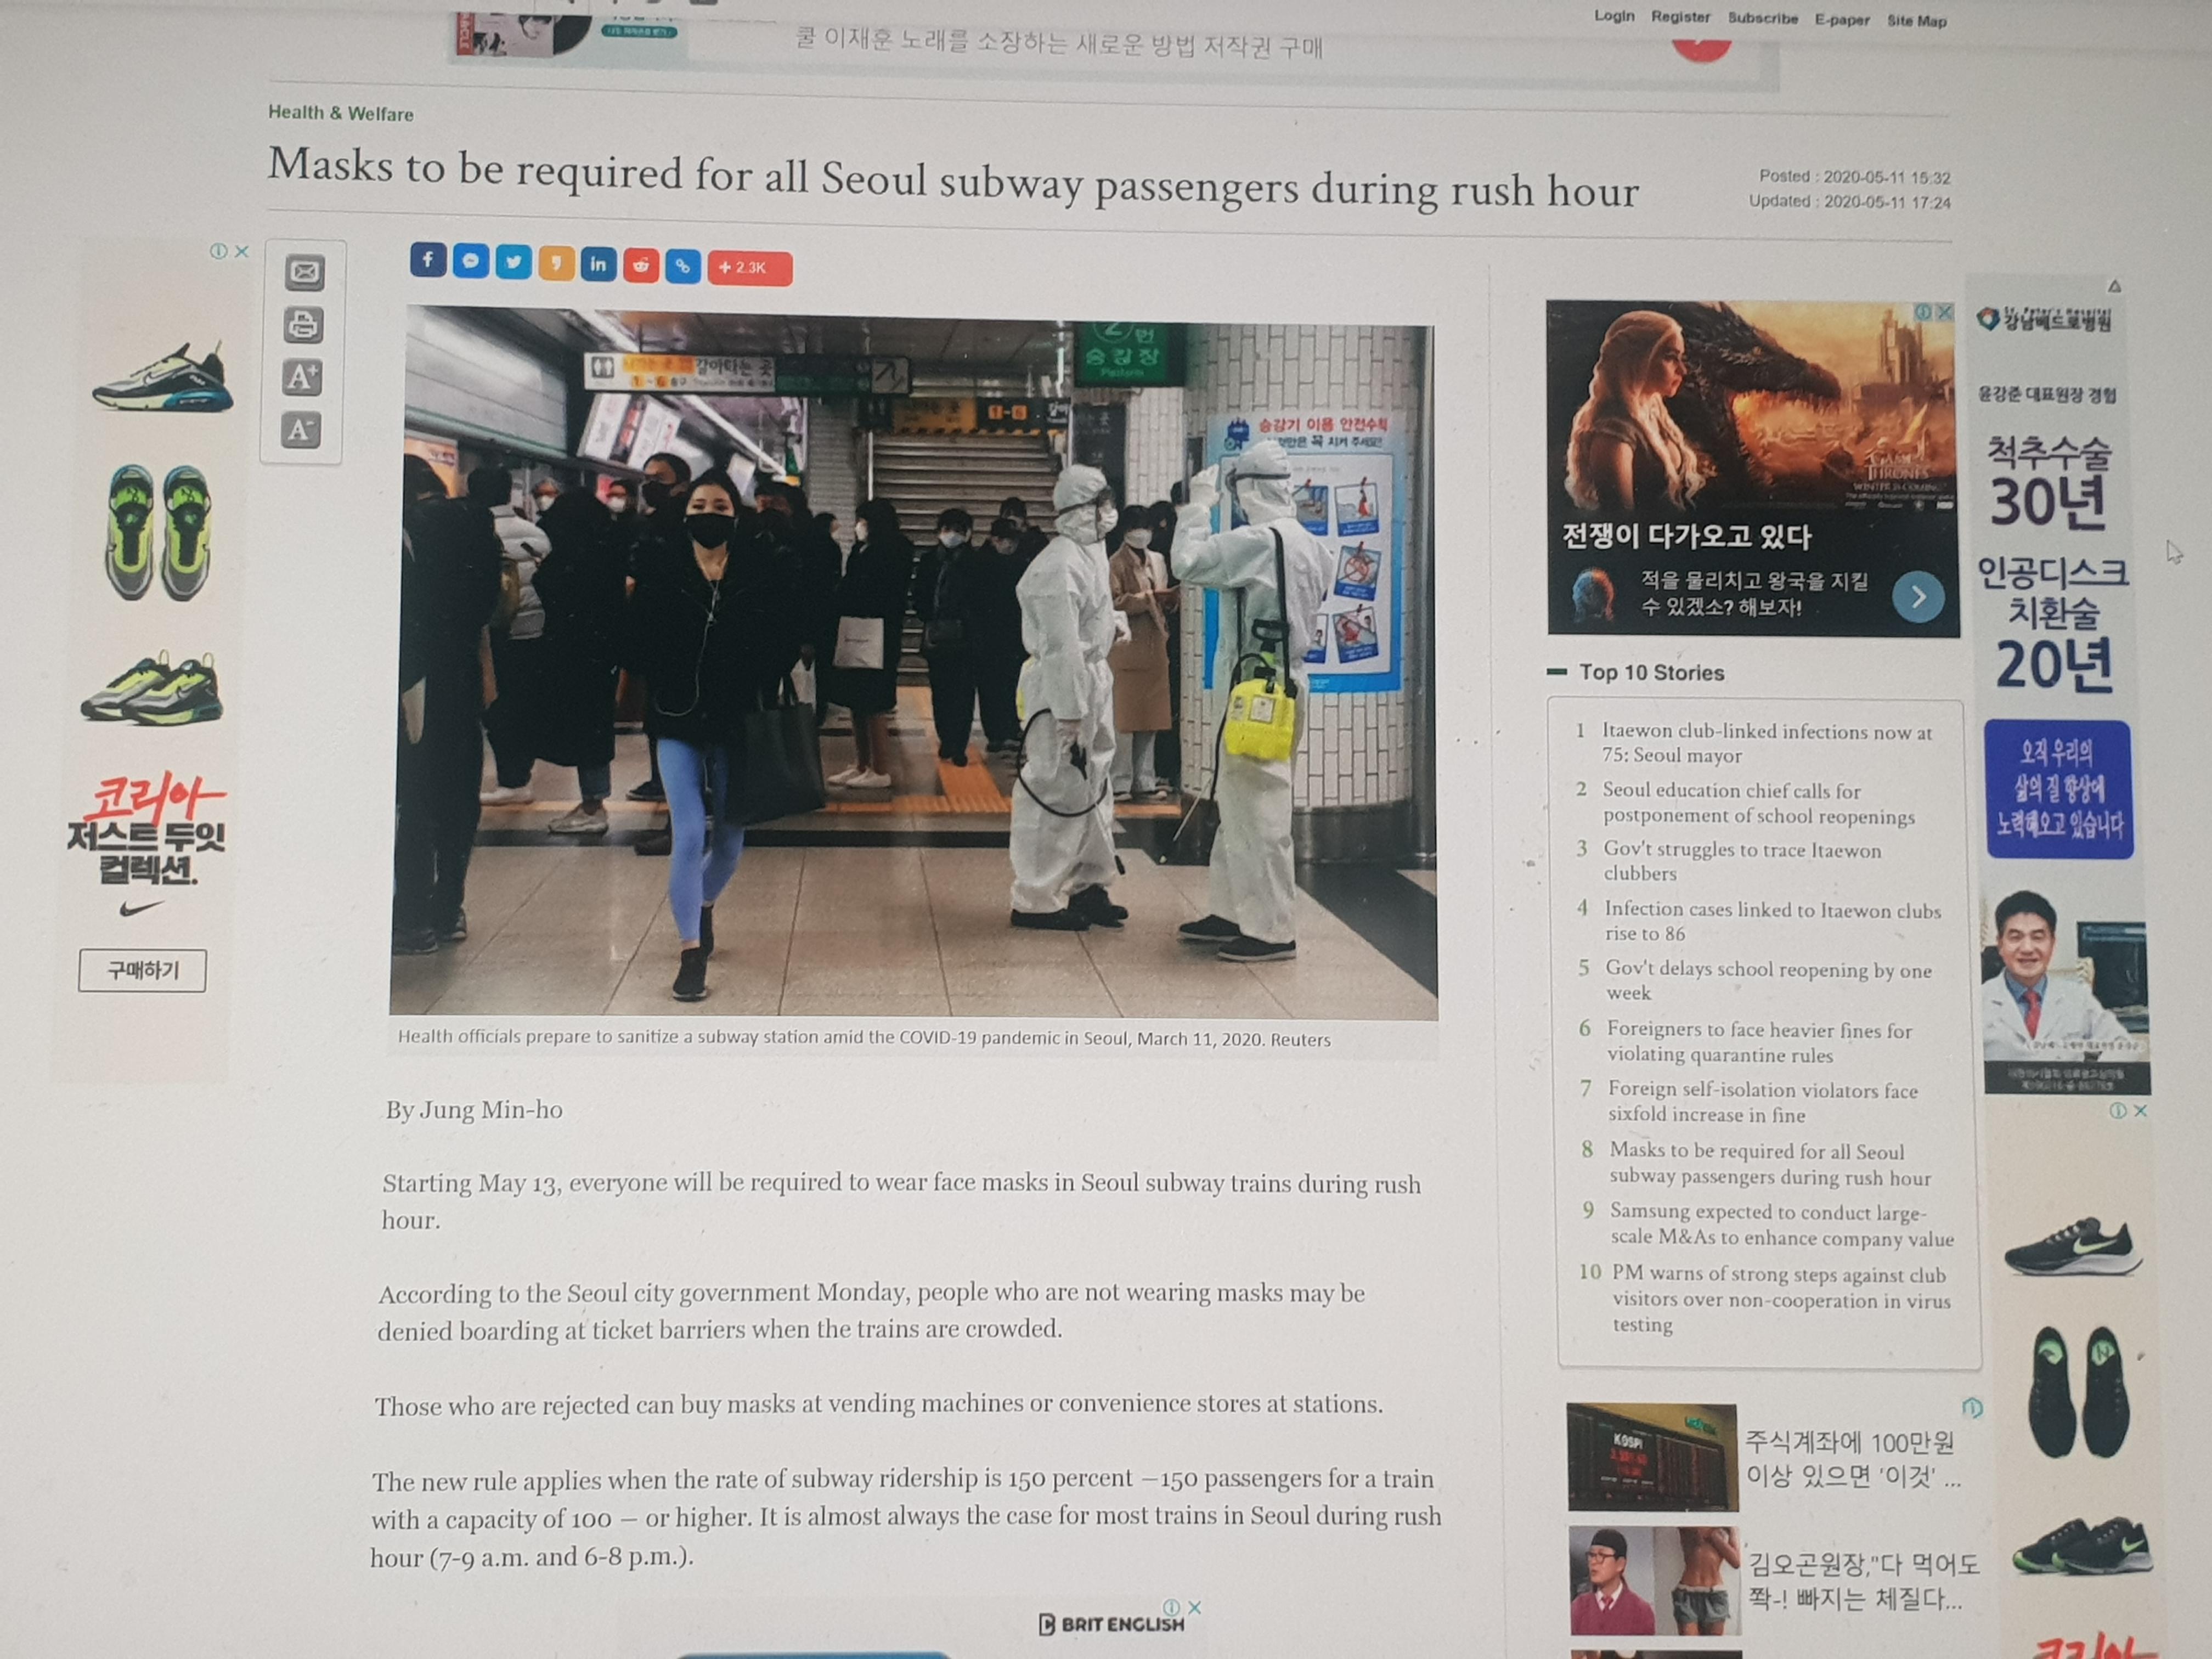 Pranešimas korėjiečių spaudoje, kad Seulo metro įvedamas kaukių reikalavimas